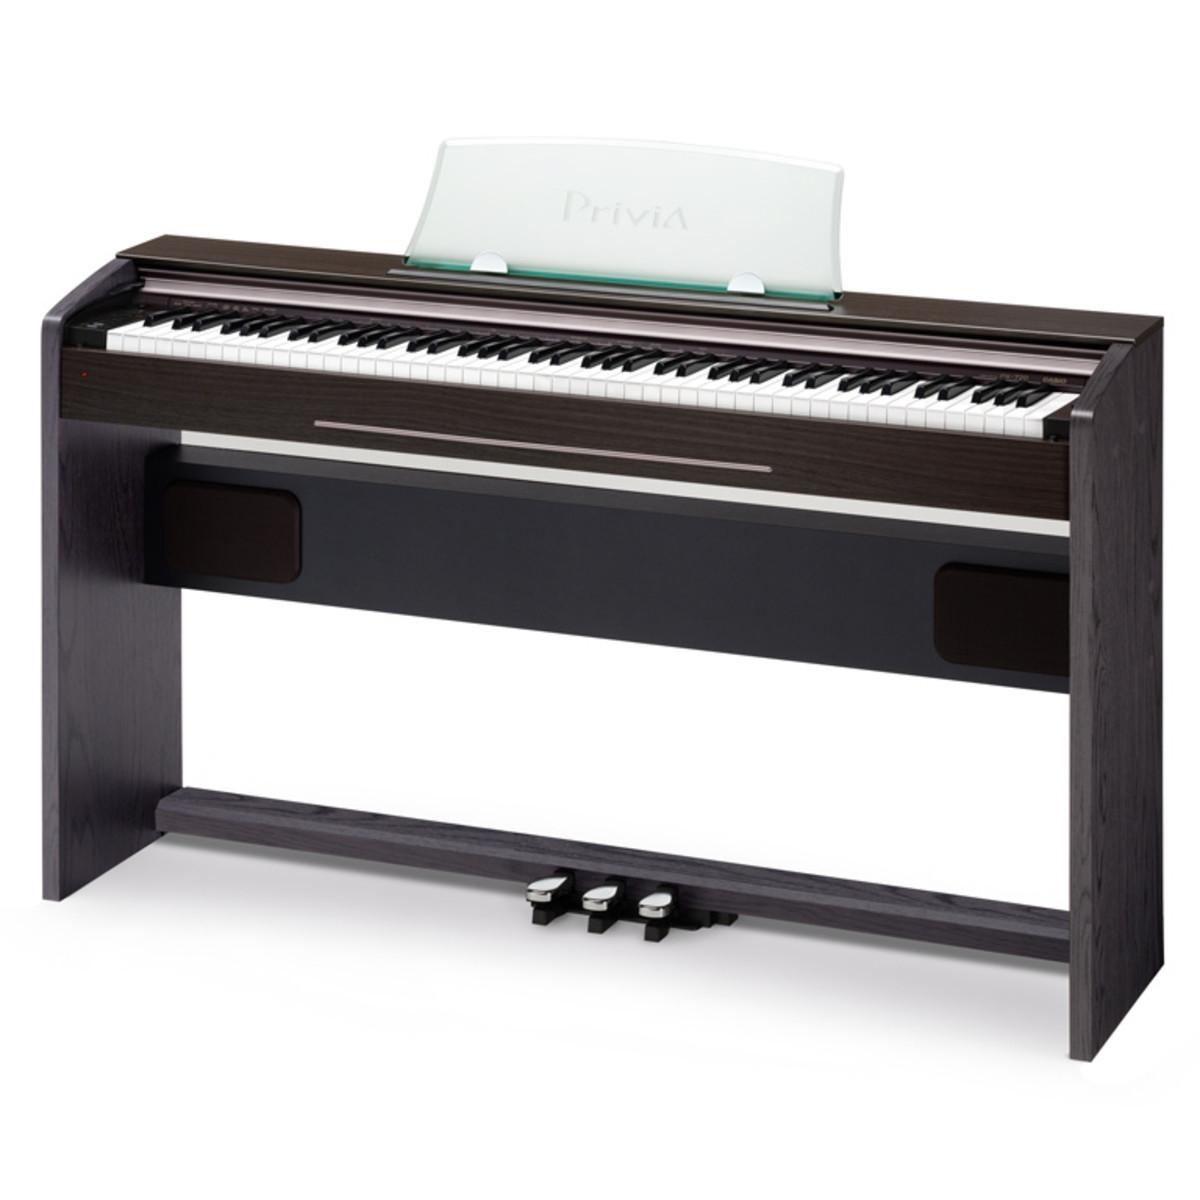 06b6d6a6262 Casio Privia PX-720 Digital Piano